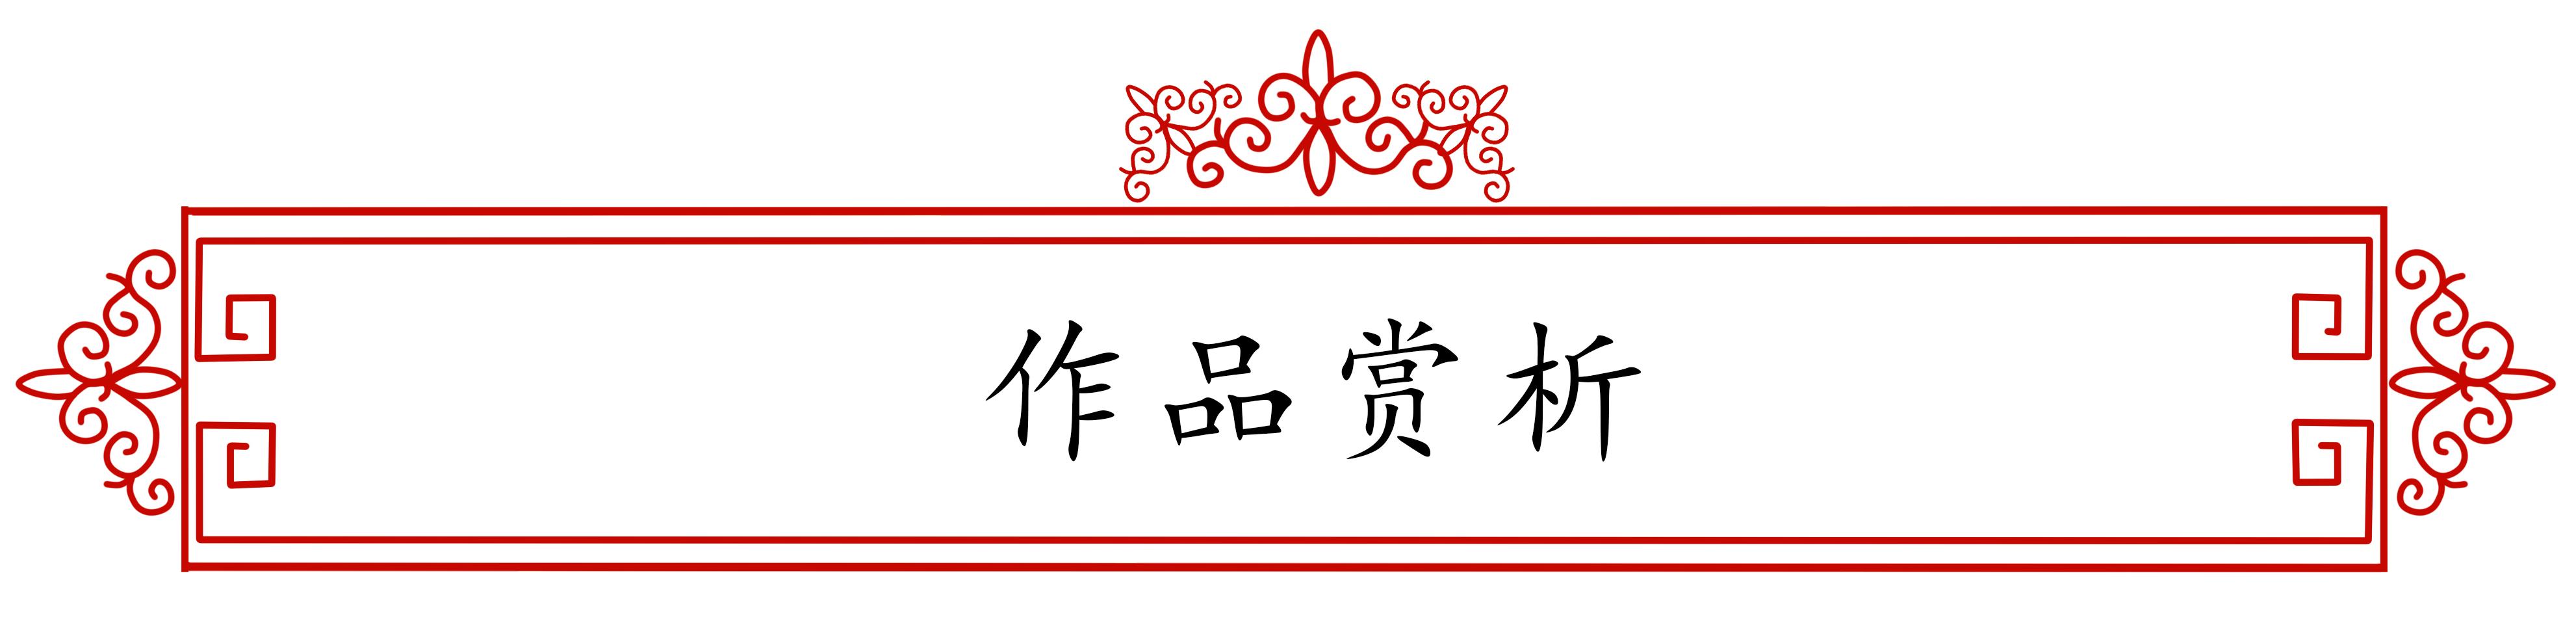 展艺术名人风采,弘万家文化精髓——冯继发(九十一)